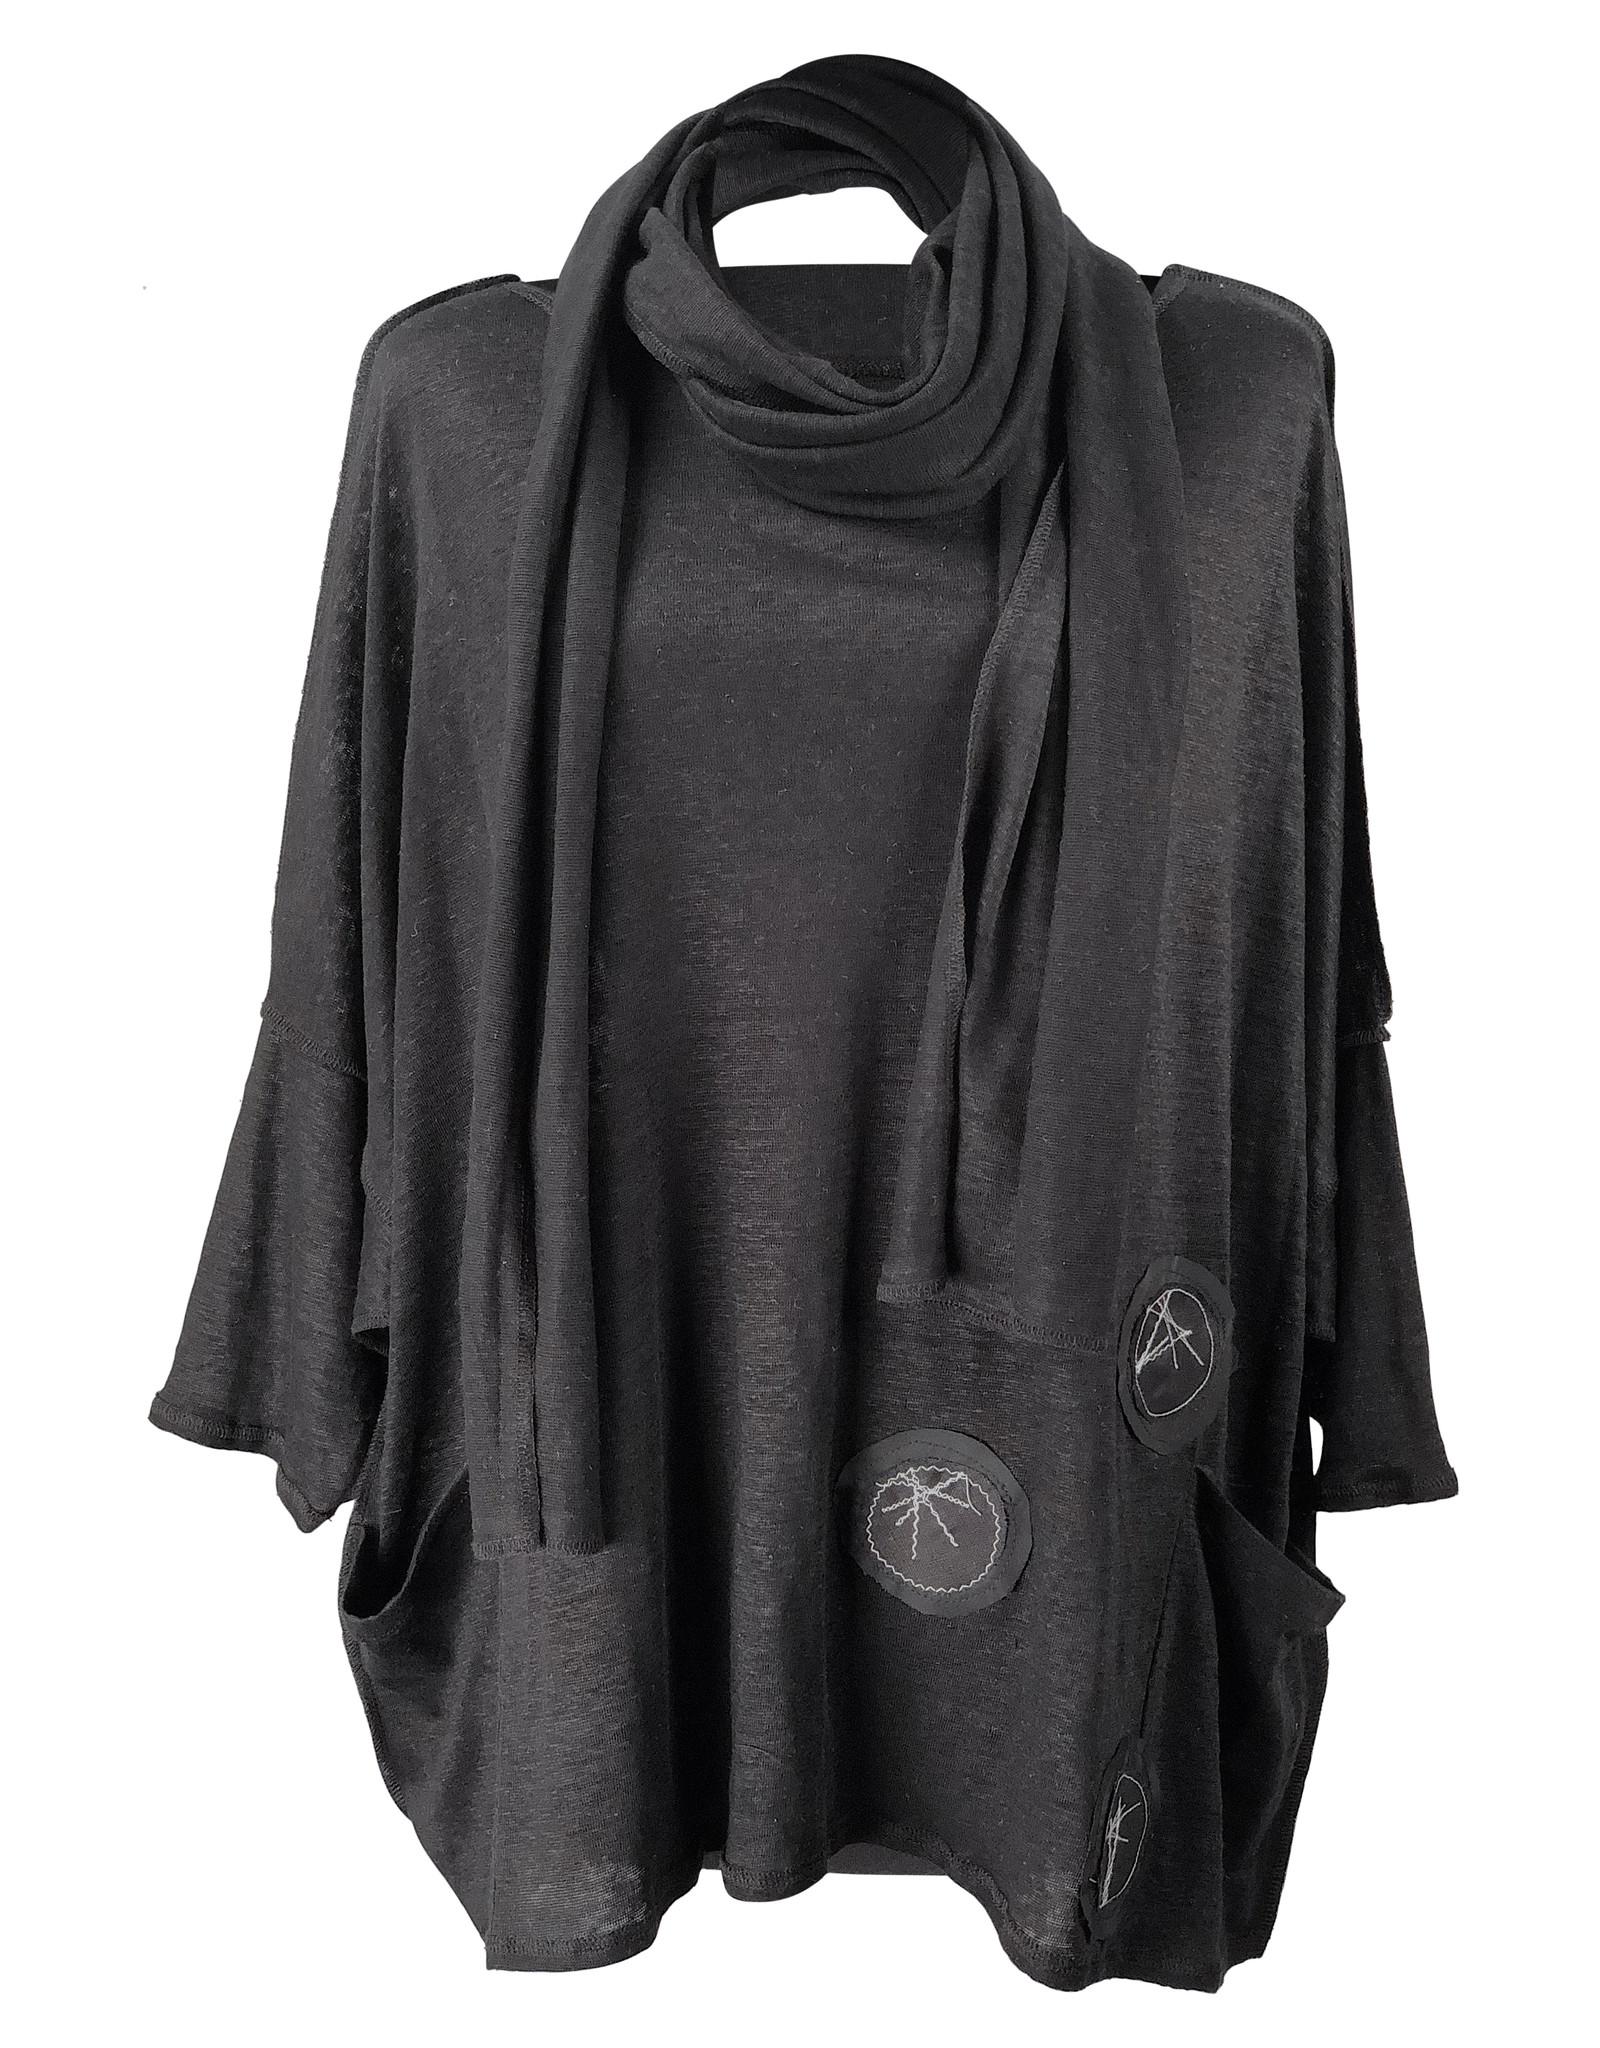 Lousje & Bean L&B- Jack Linen Knit in Black